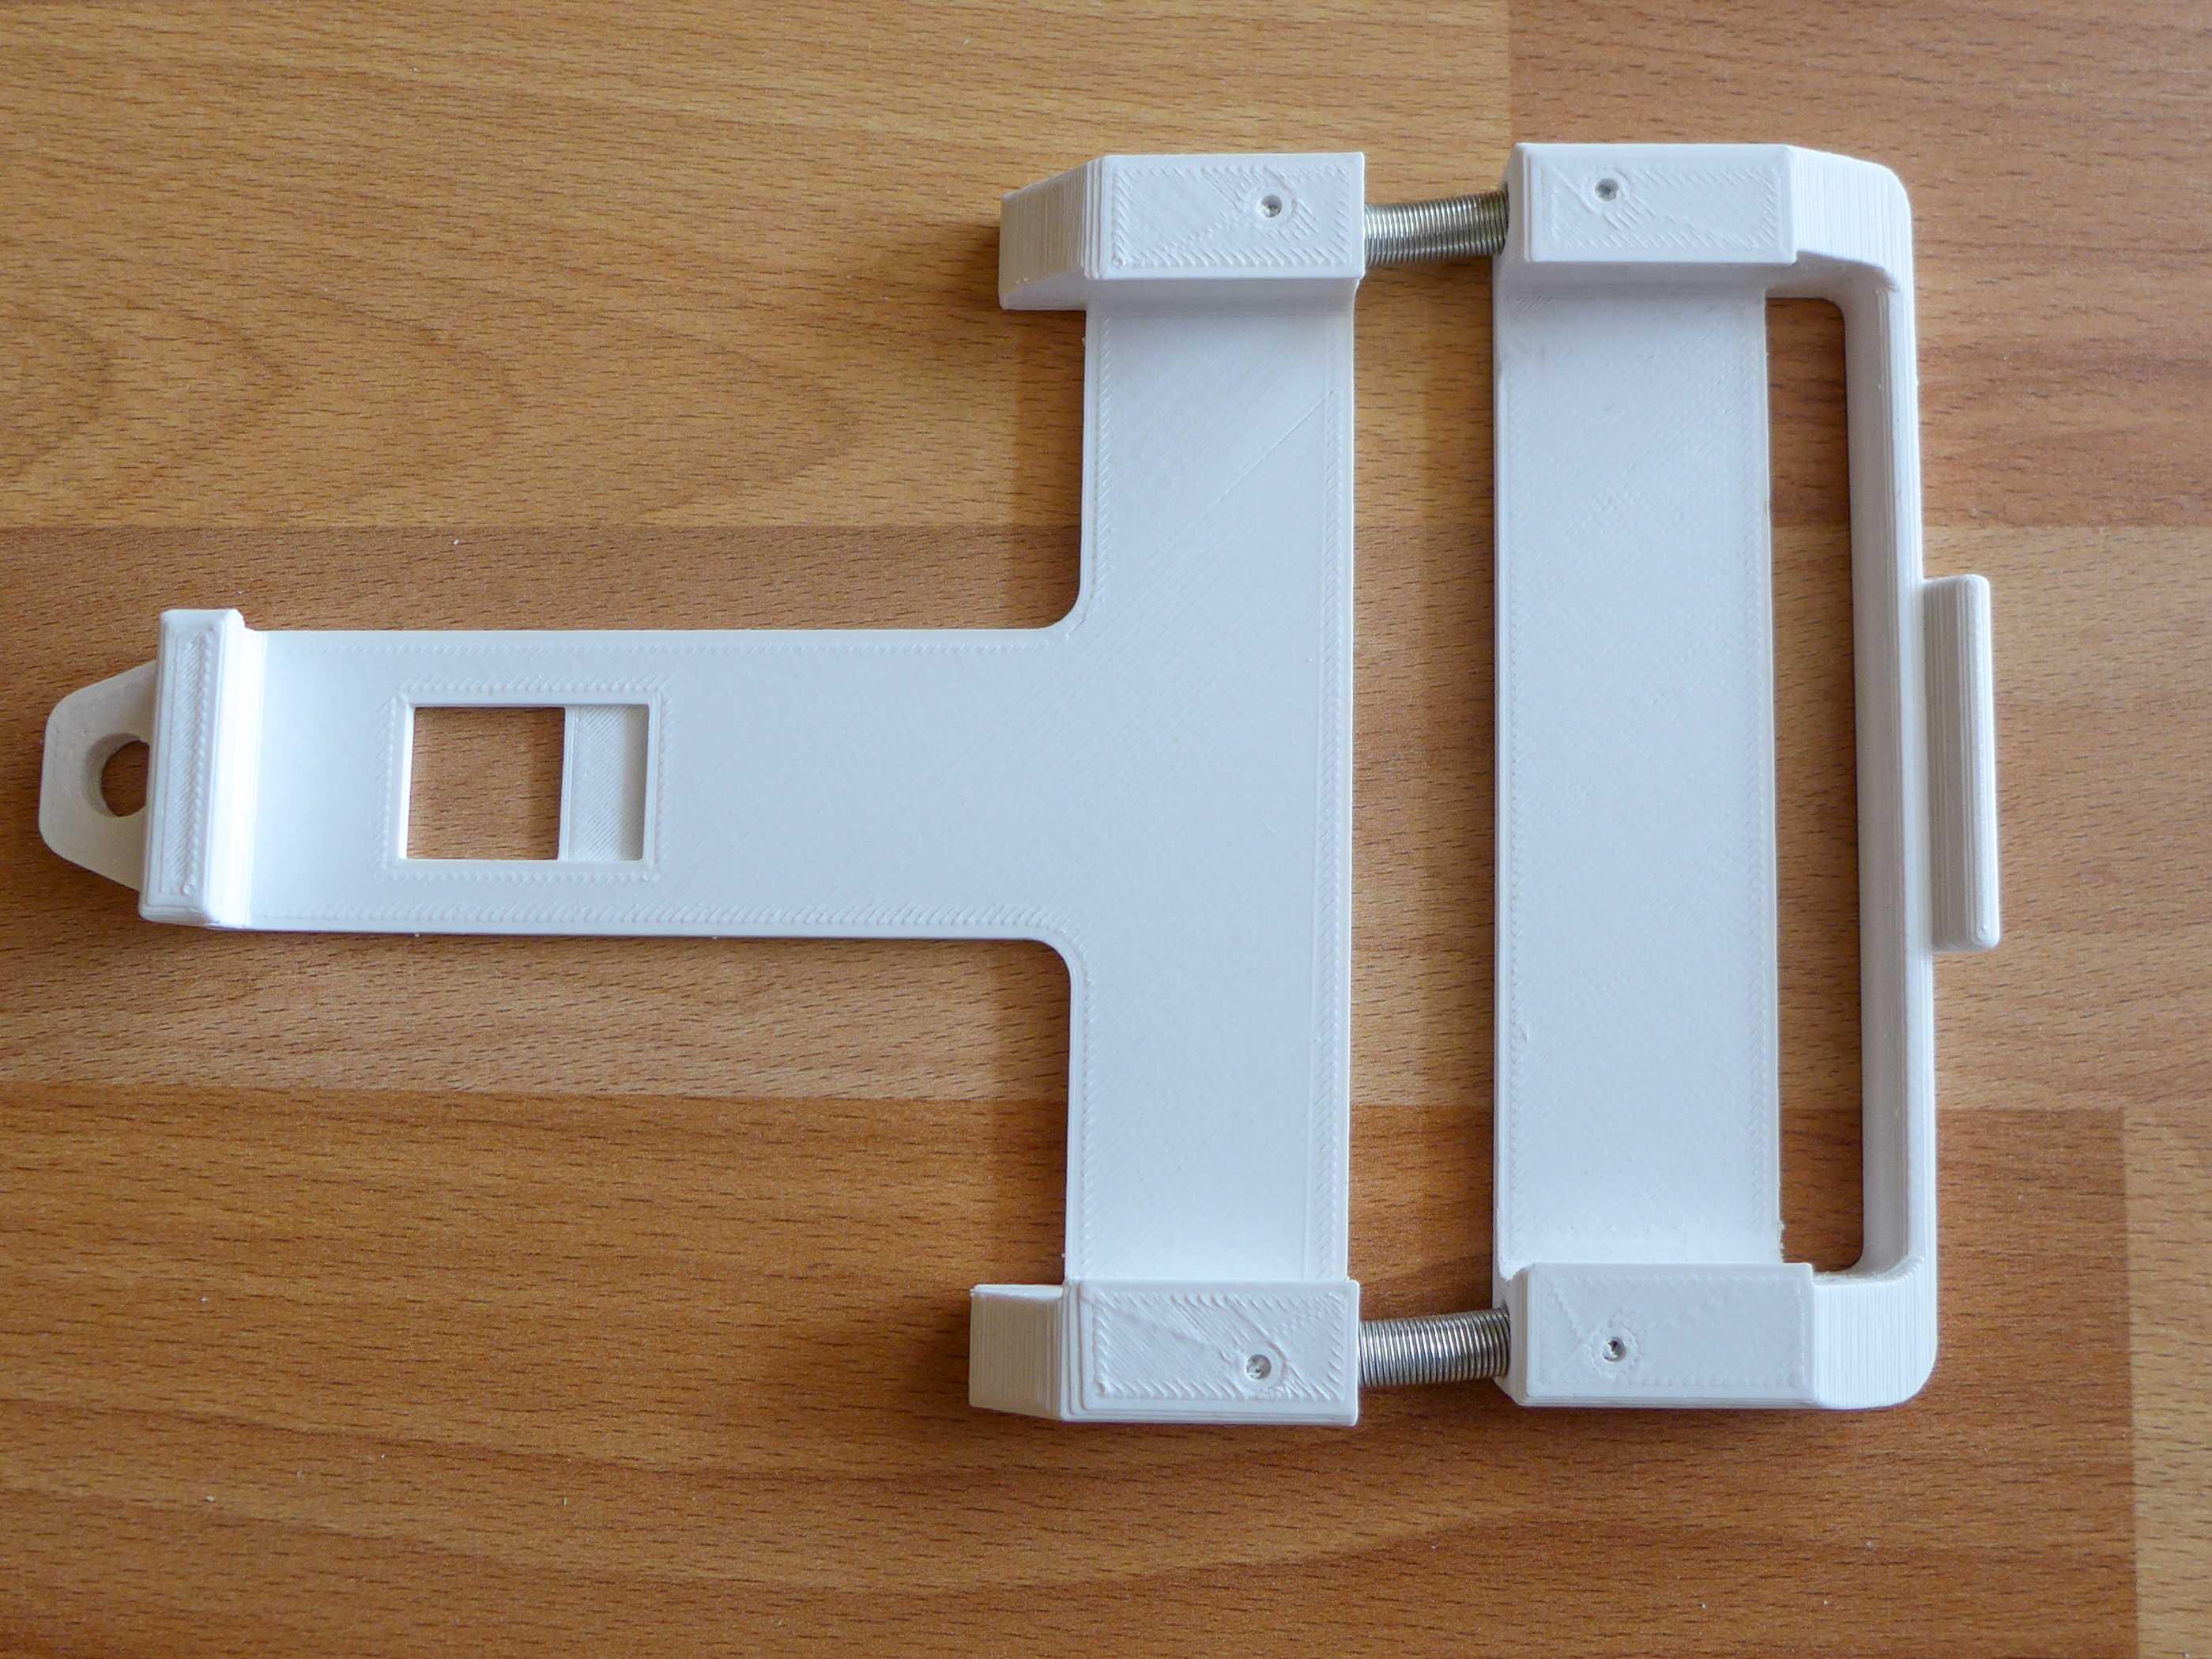 3D-gedruckte Teile der Halterung auf einem Tisch.